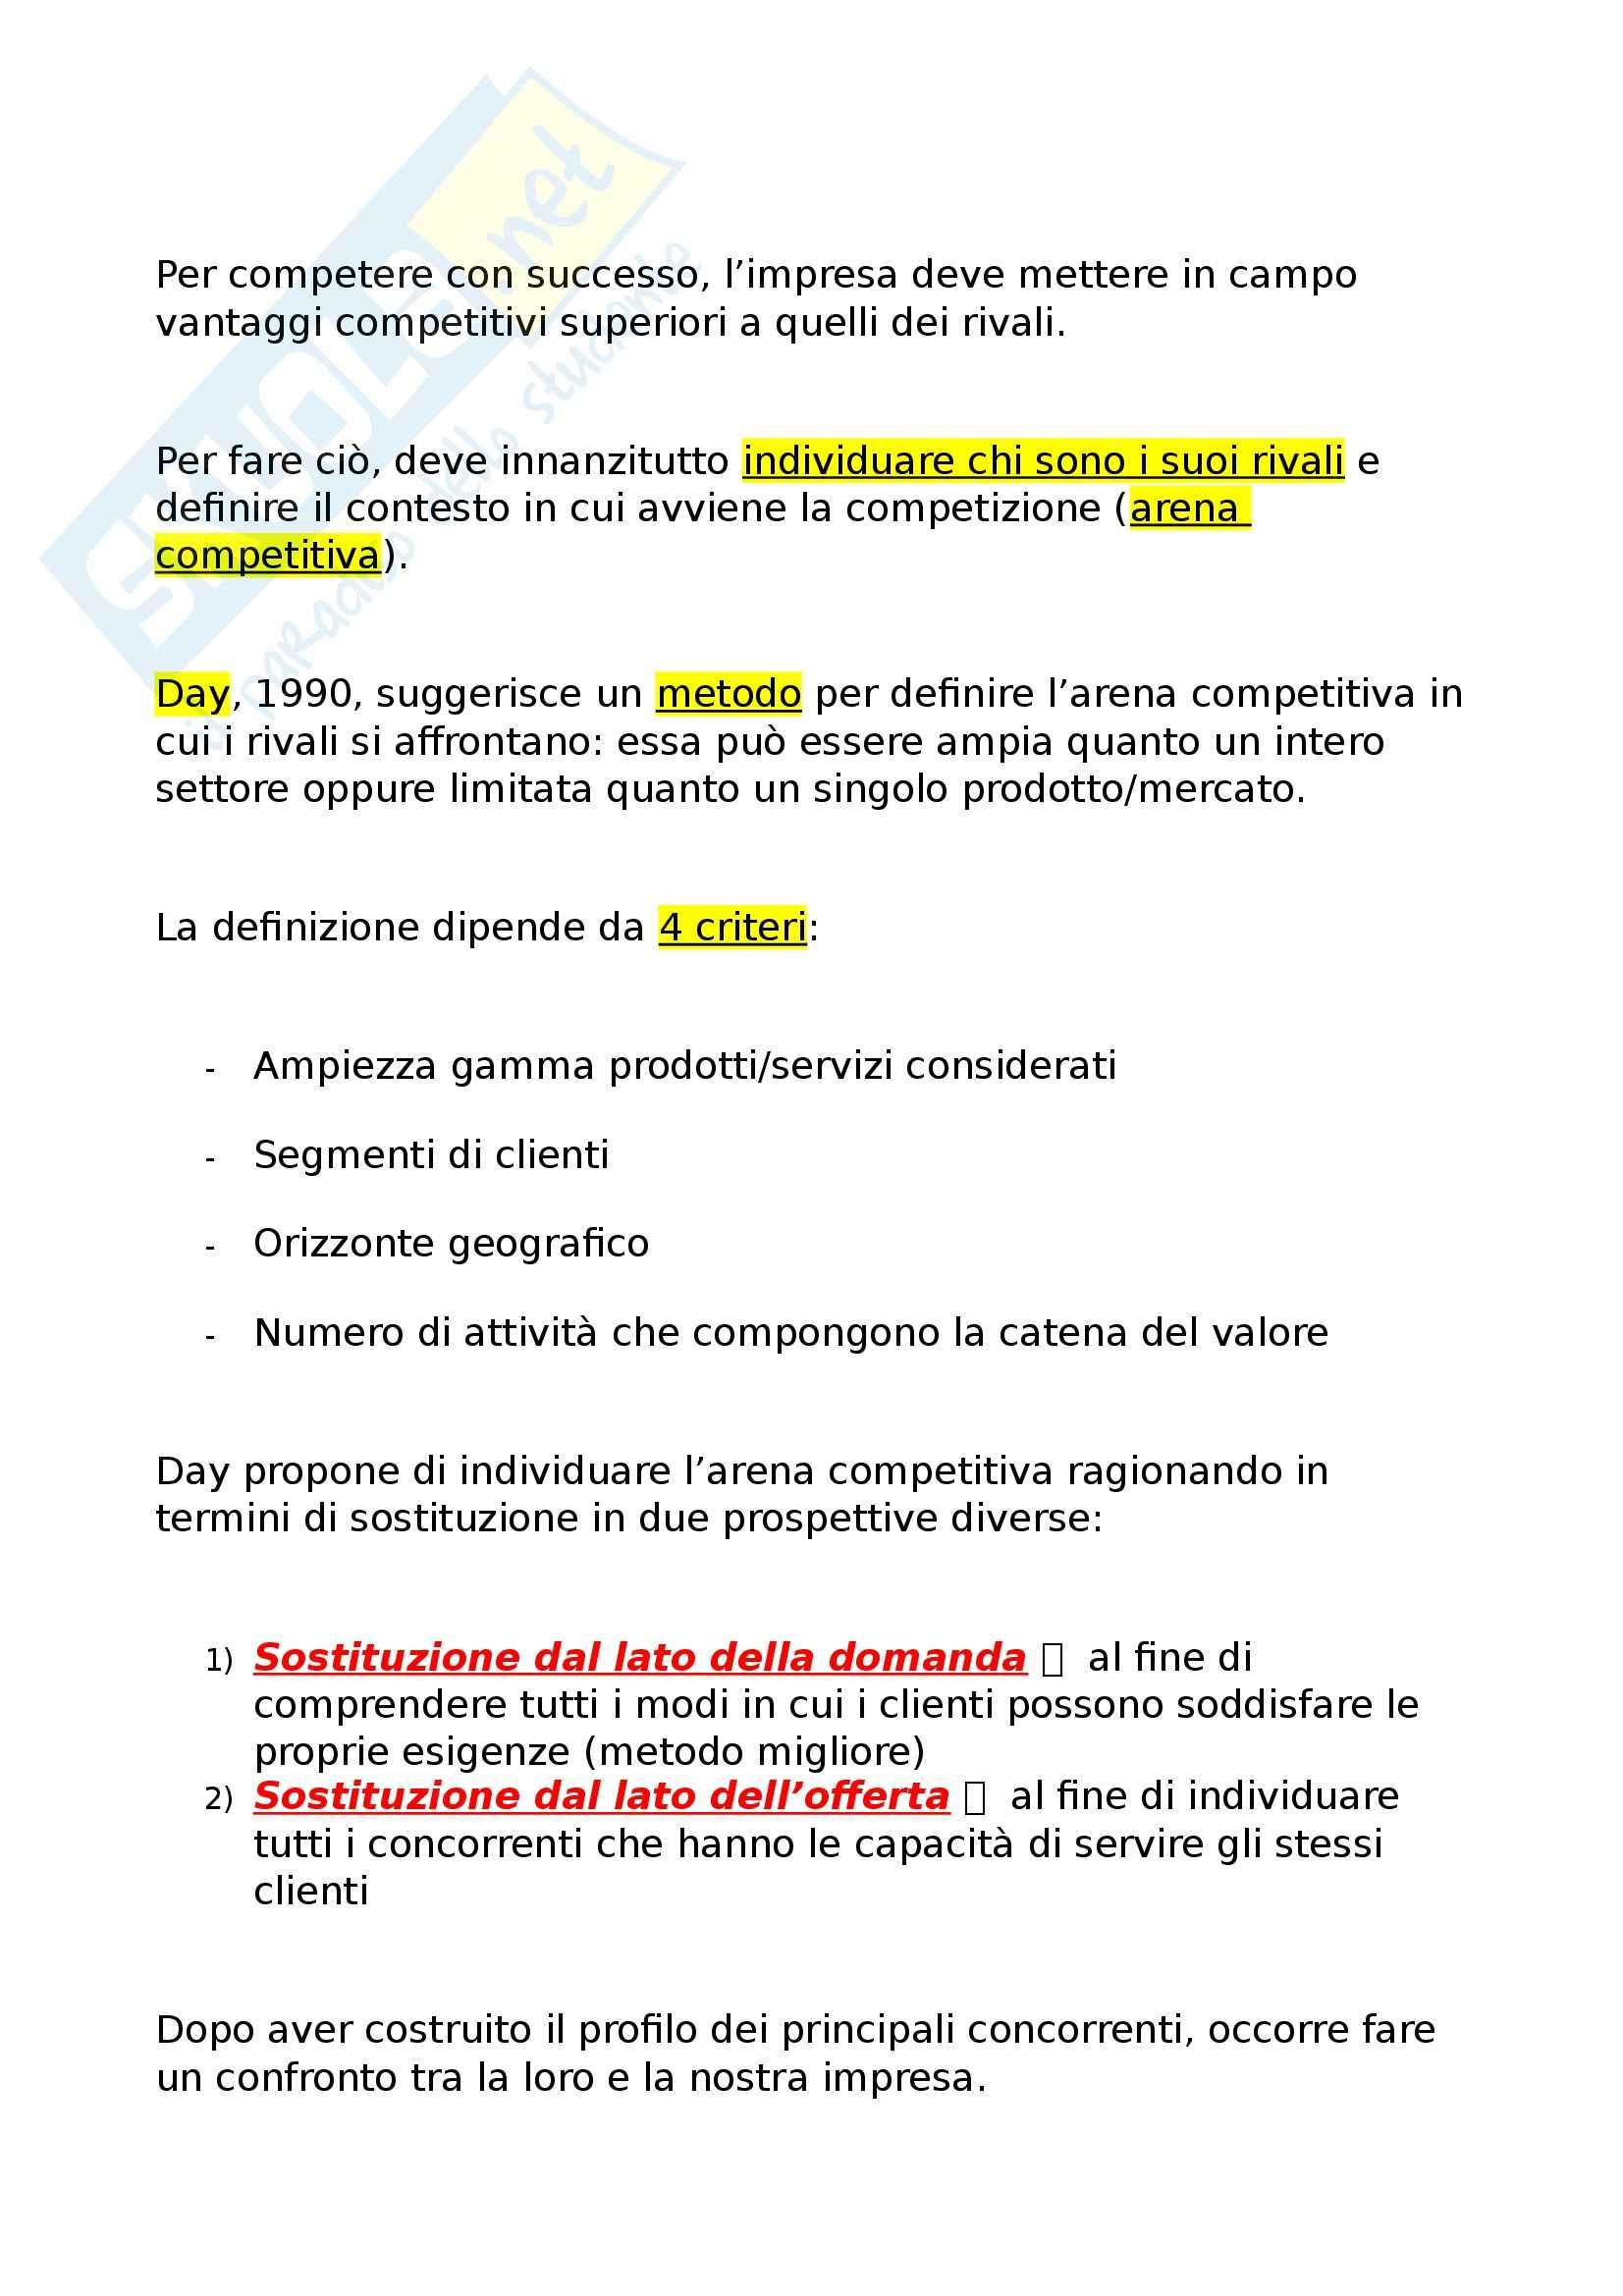 Riassunto esame Economia e gestione delle imprese, prof. Miglietta, libro consigliato Strategie d'impresa, Pellicelli Pag. 31